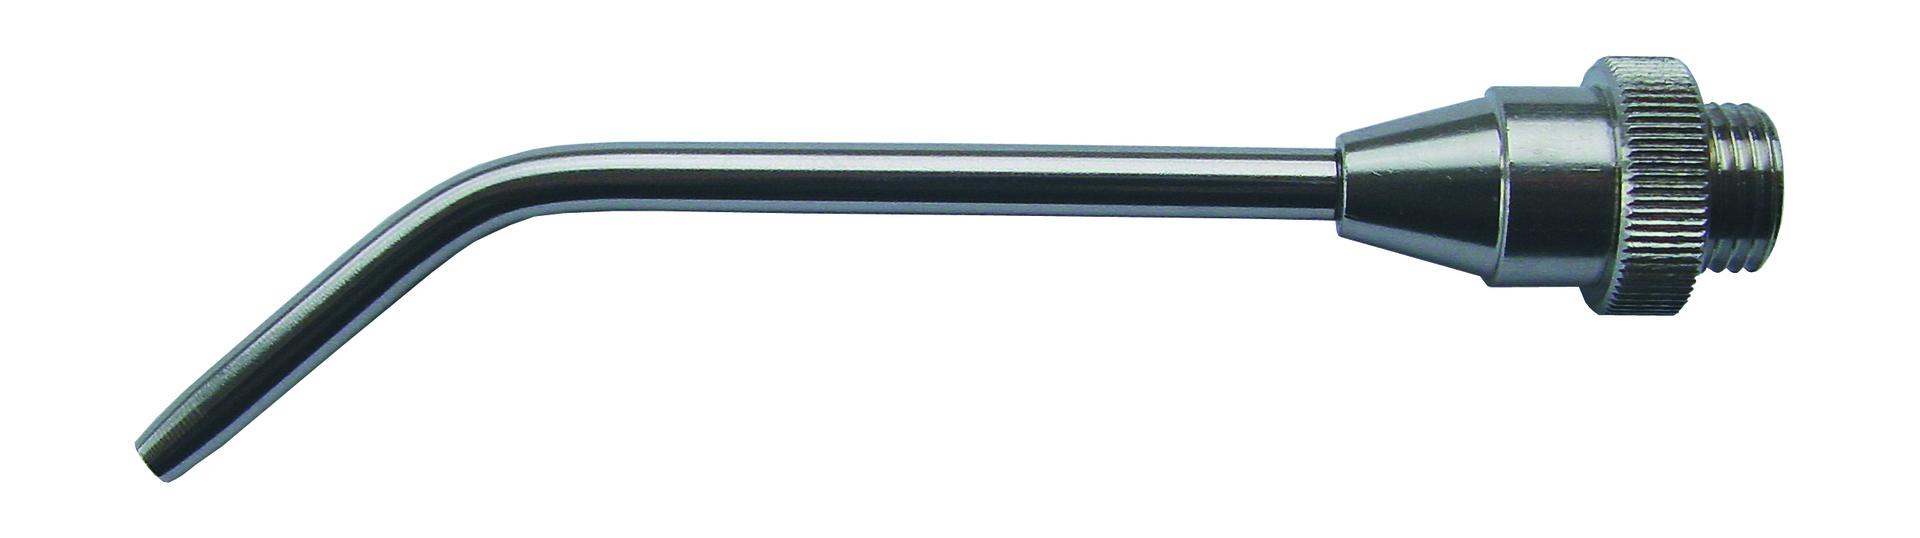 Tryska pro ofukovací pistoli, prodloužená 260 mm, zahnutá